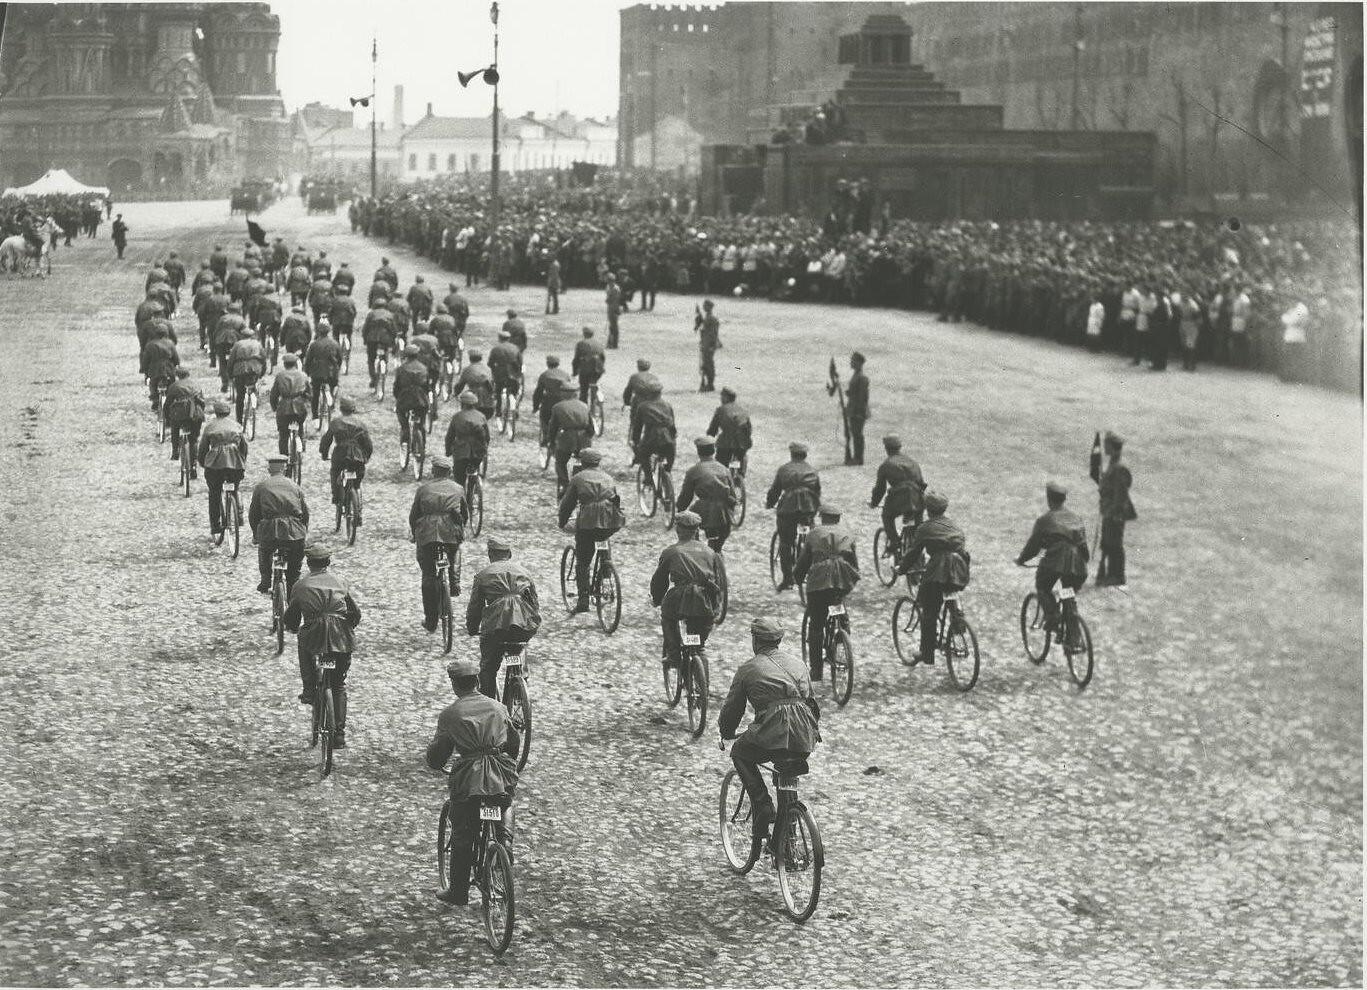 1925. Парад на Красной площади. Велосипедисты. 1 мая